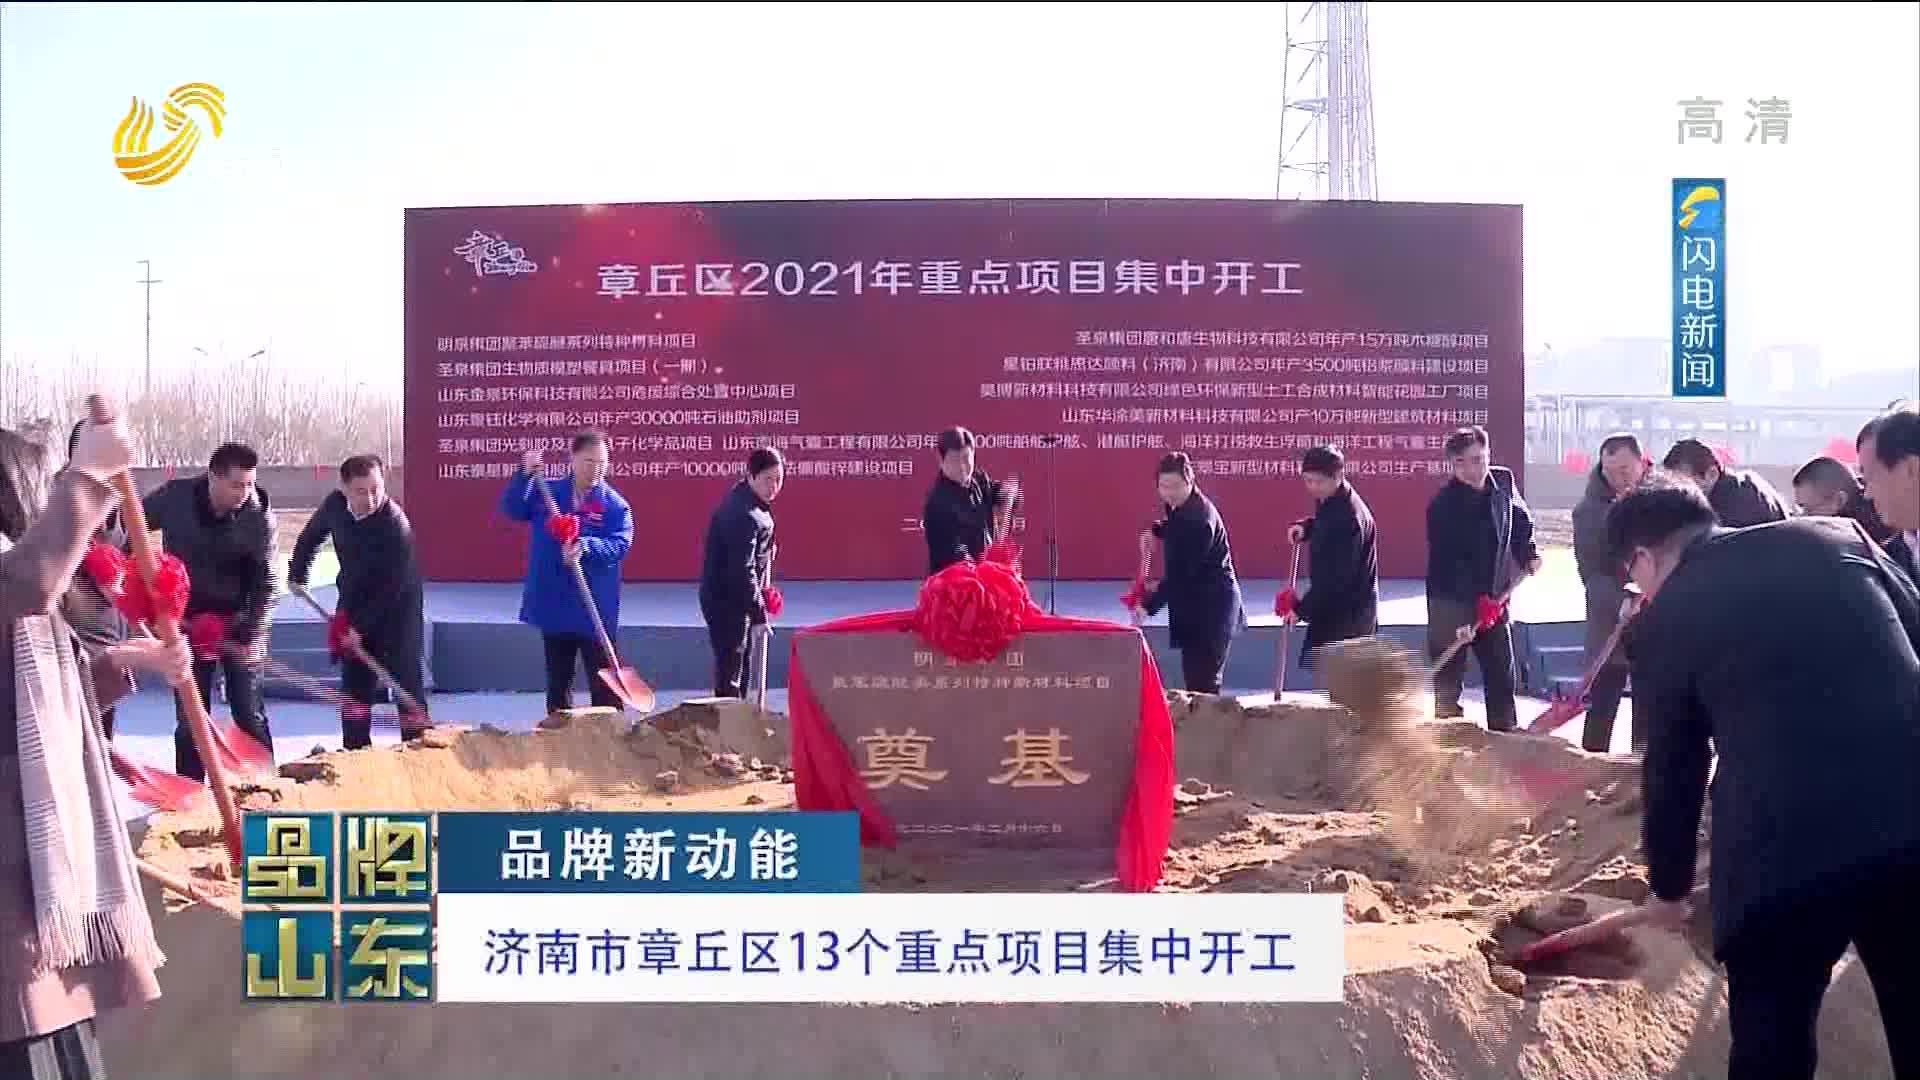 【品牌新动能】济南市章丘区13个重点项目集中开工